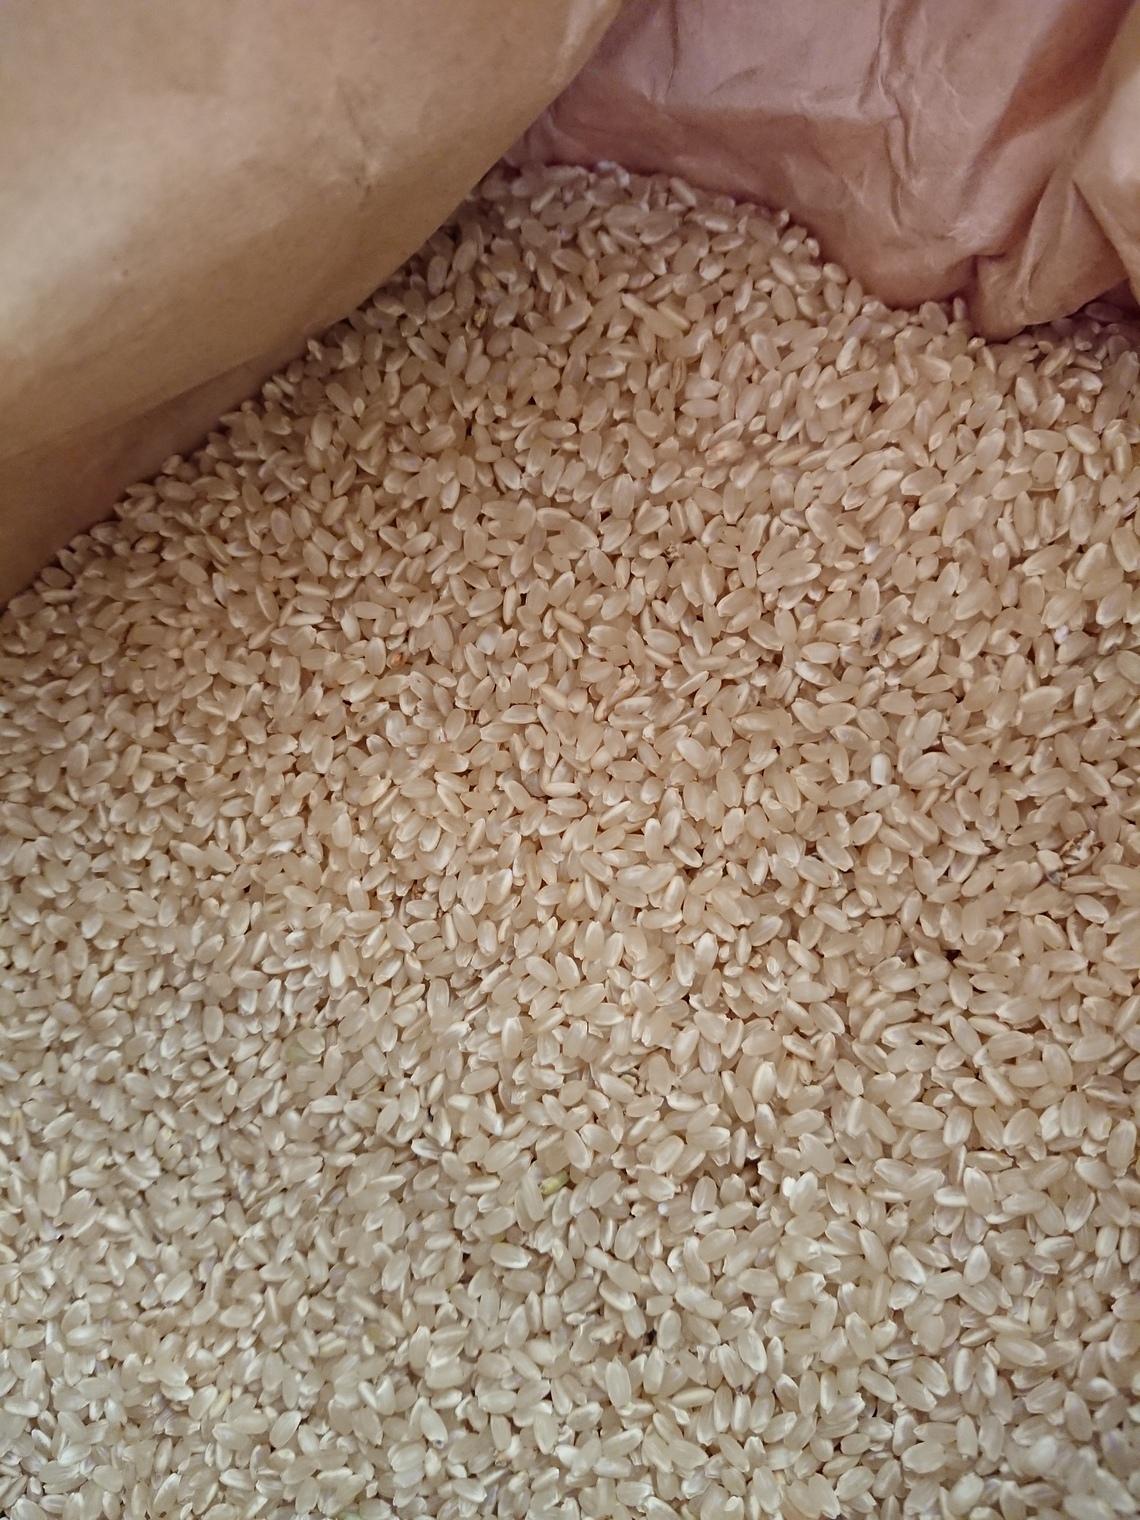 訳あり【自然栽培米】新米 2018 ササニシキの12年自家採種 オーガニック 熊本県産 無肥料無農薬  福間さんの冬期湛水自然栽培米・玄米 5kg